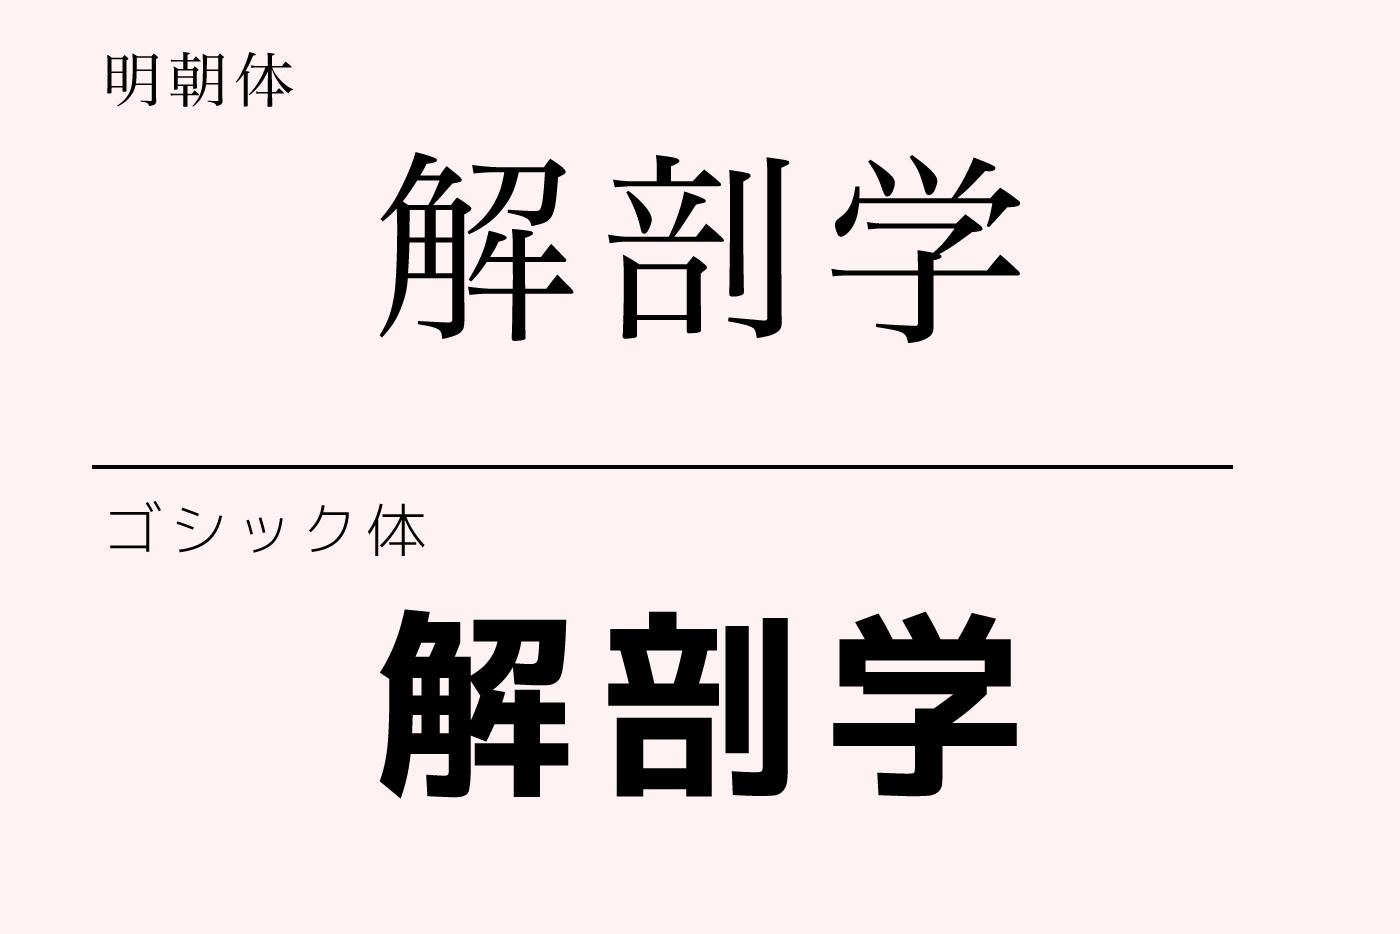 解剖学の文字のフォントの違い